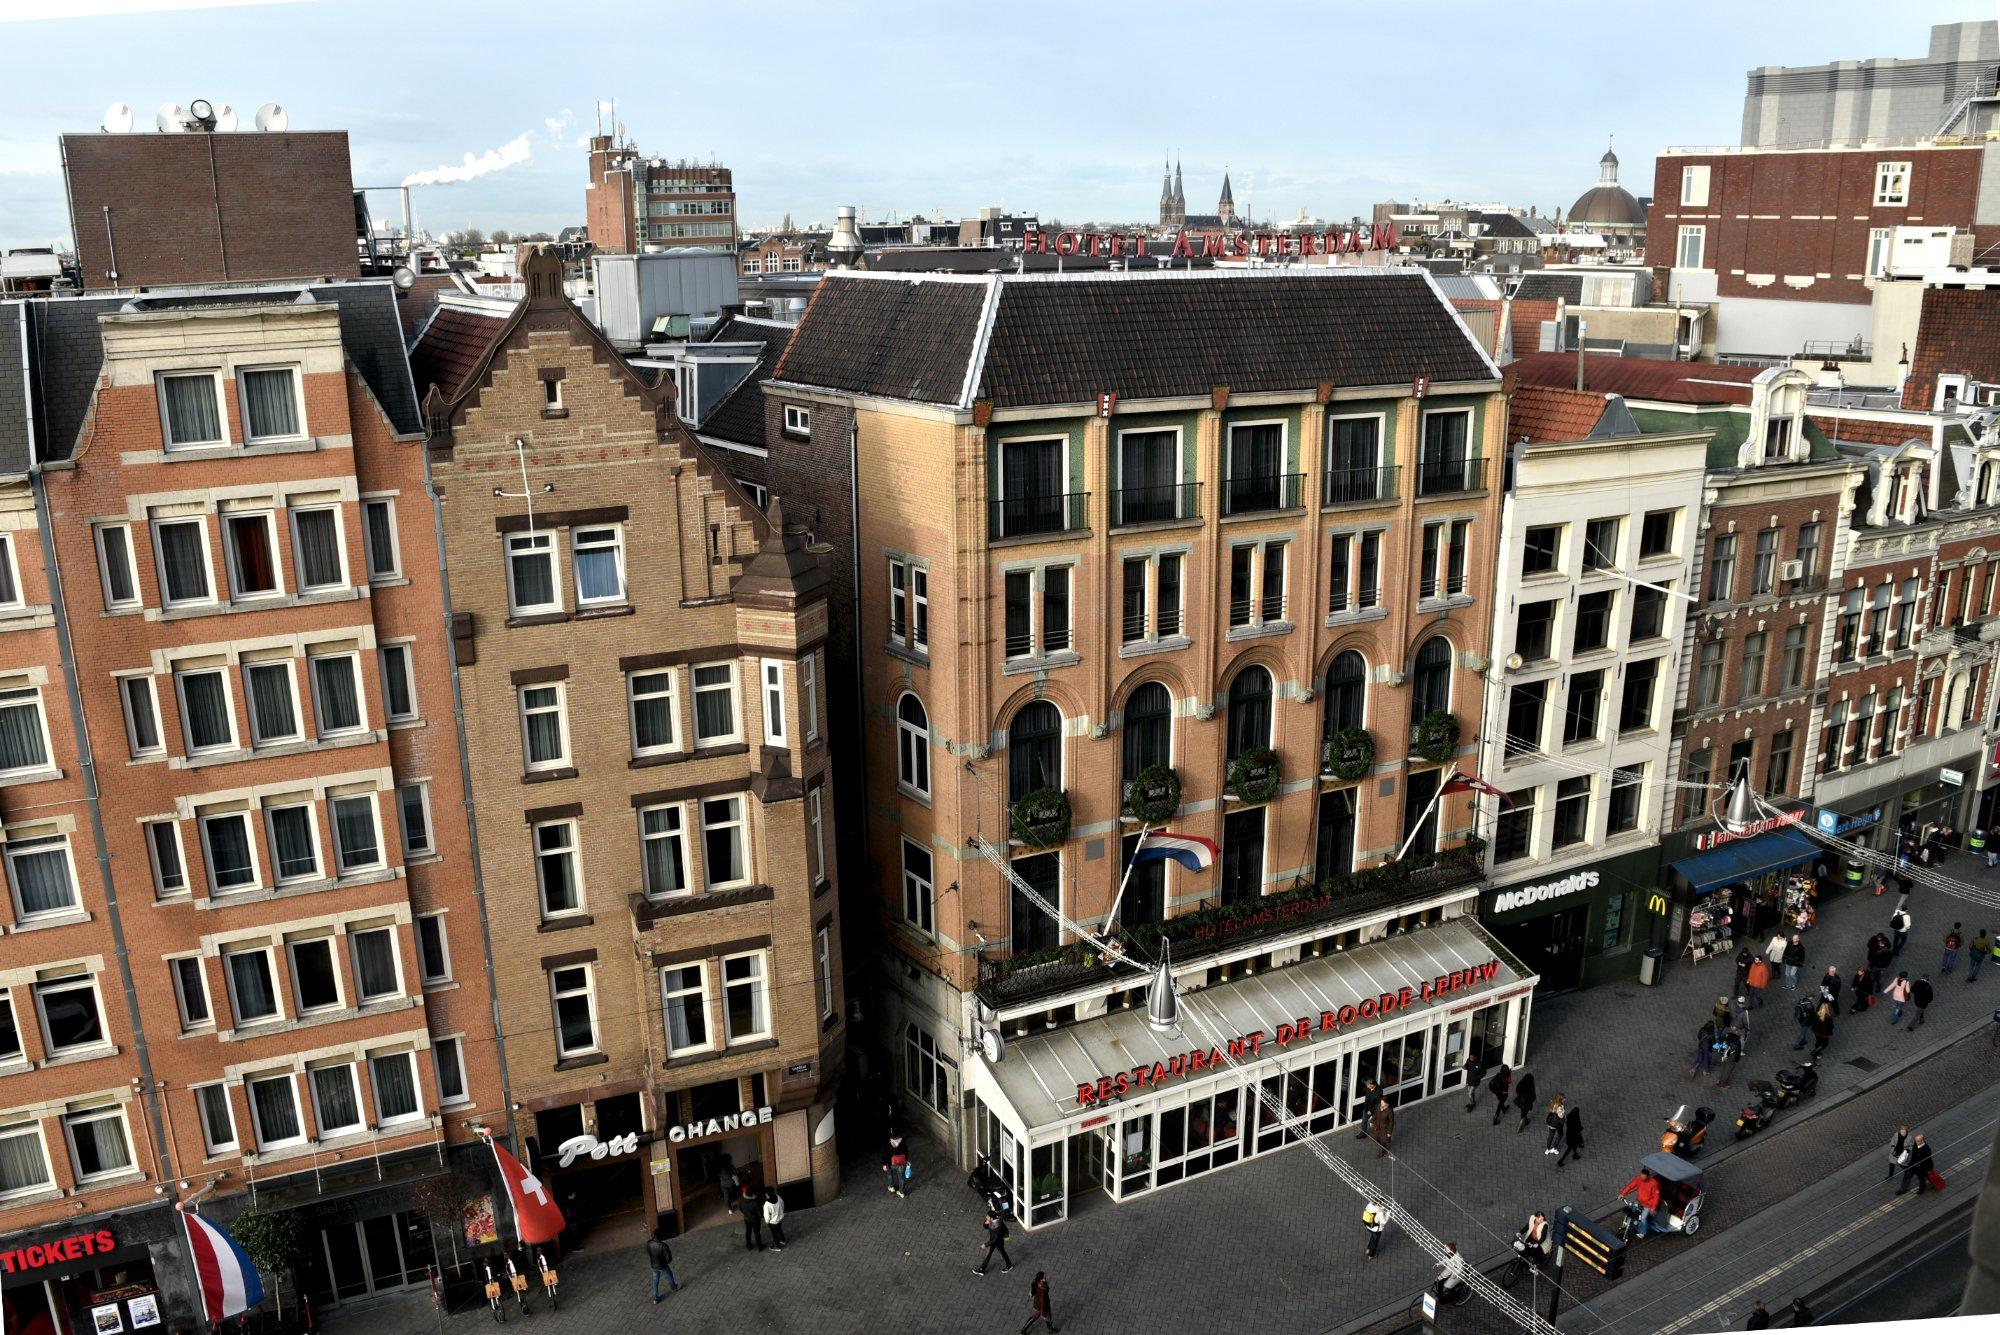 ホテル アムステルダム-デ ローデ レーウ